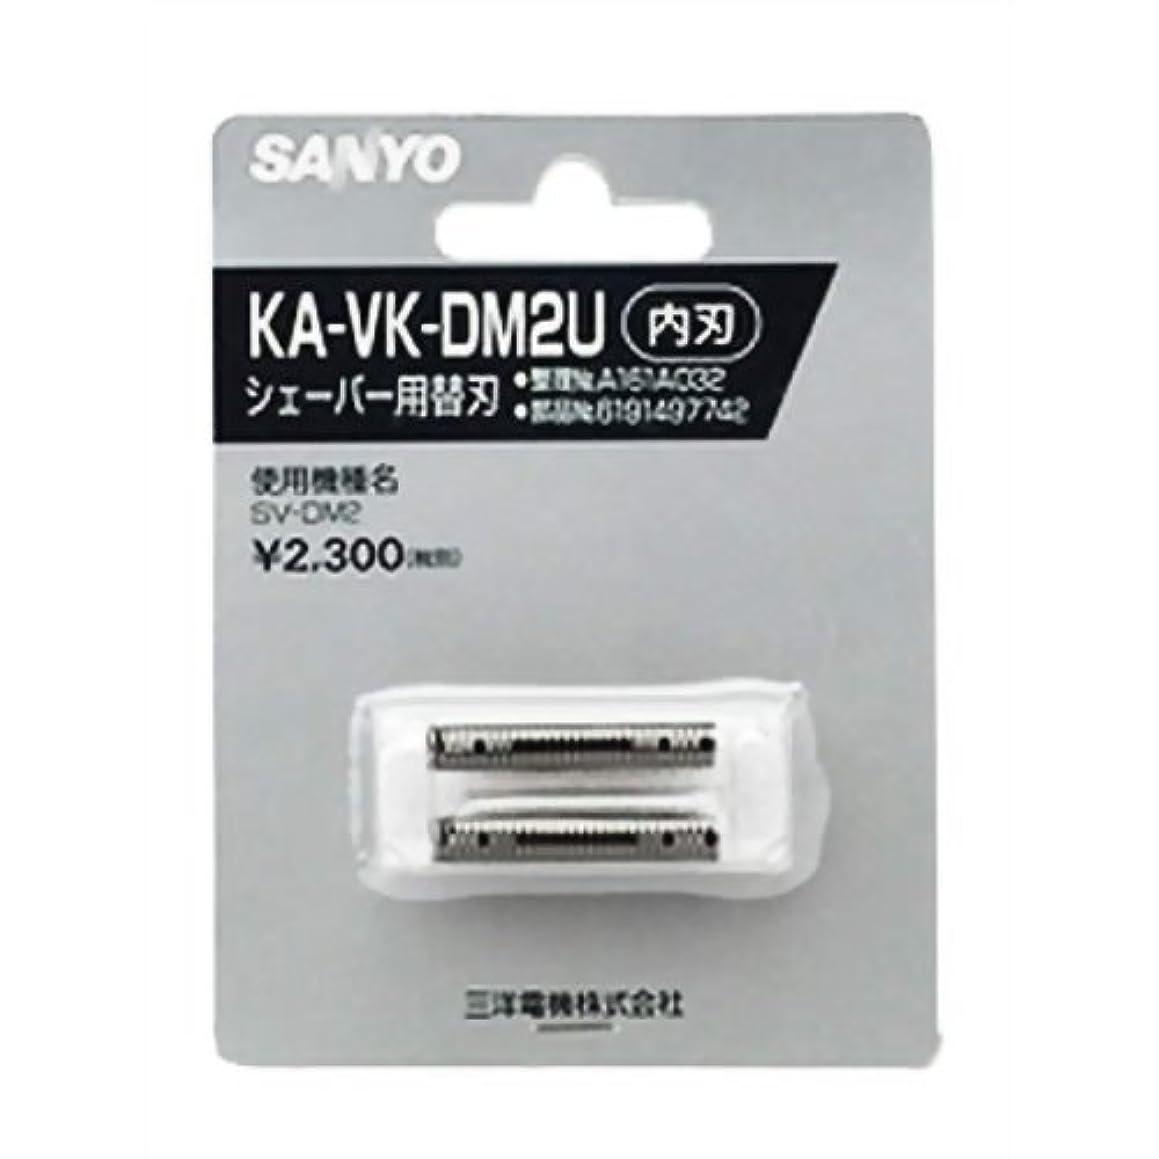 気づかない中止します背骨SANYO (サンヨー) KA-VK-DM2U シェーバー替刃 (内刃)